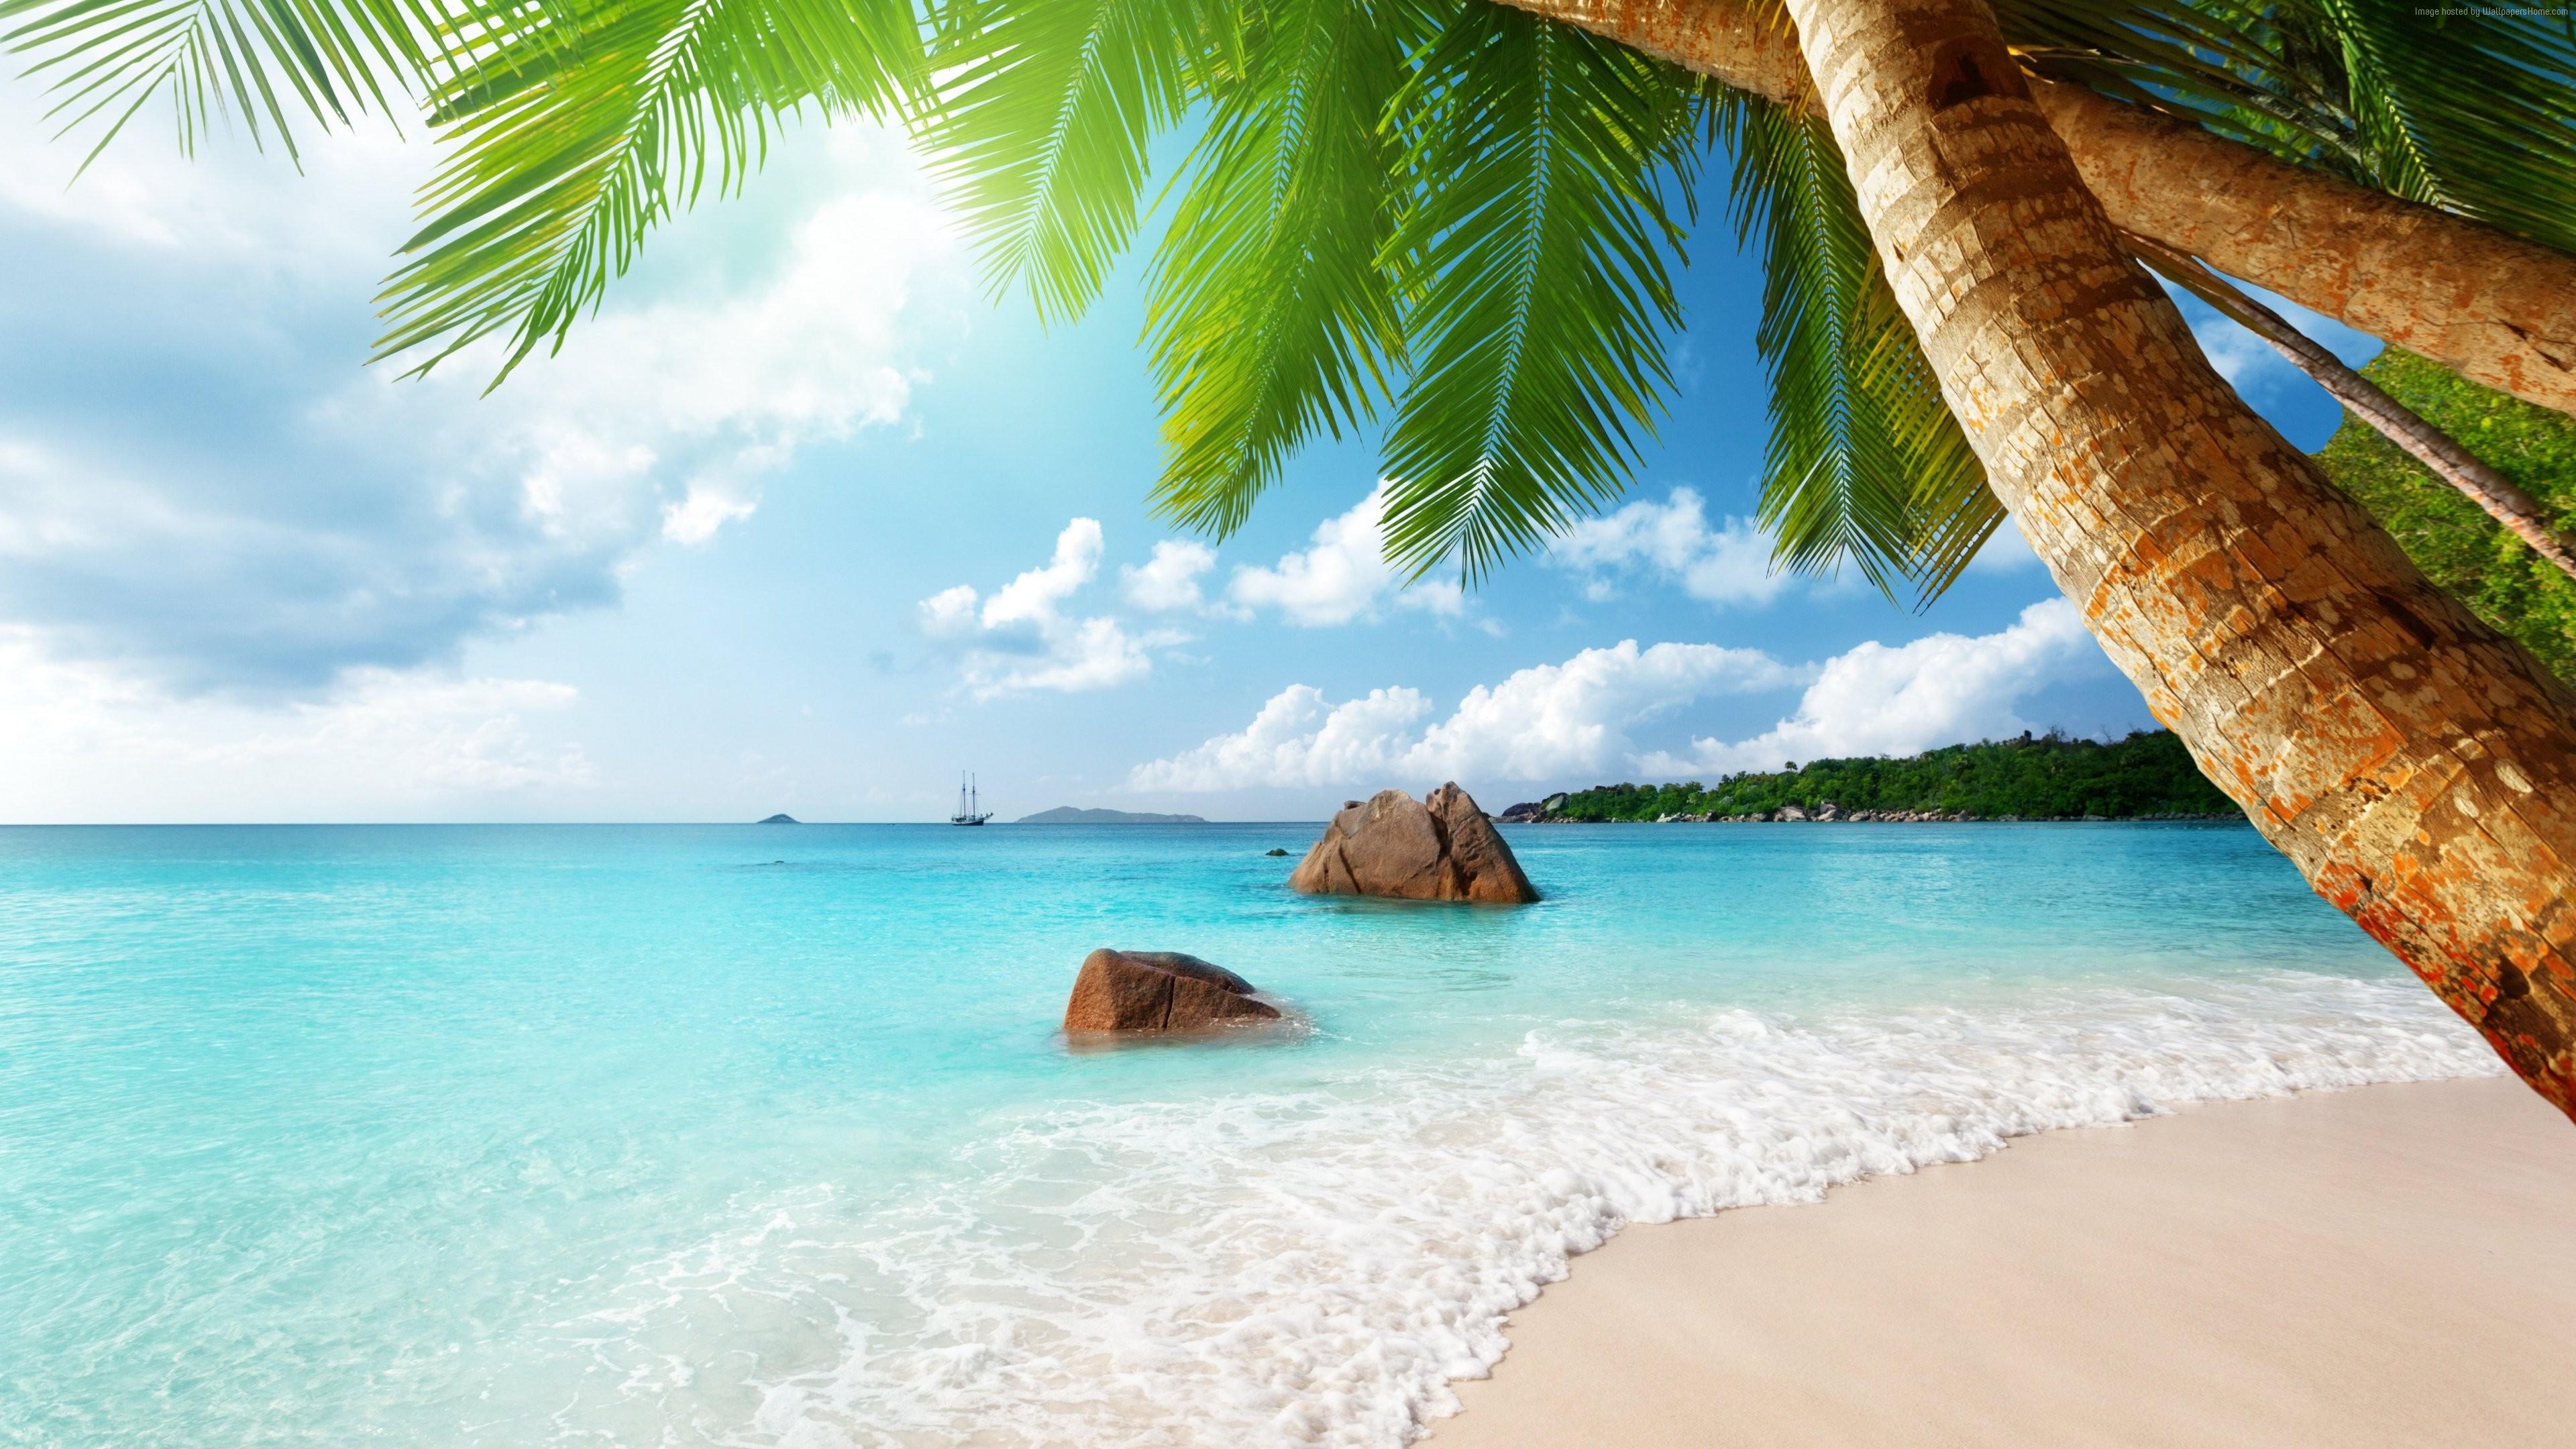 обои на экран море пляж песок голубая вода приглашает собственников